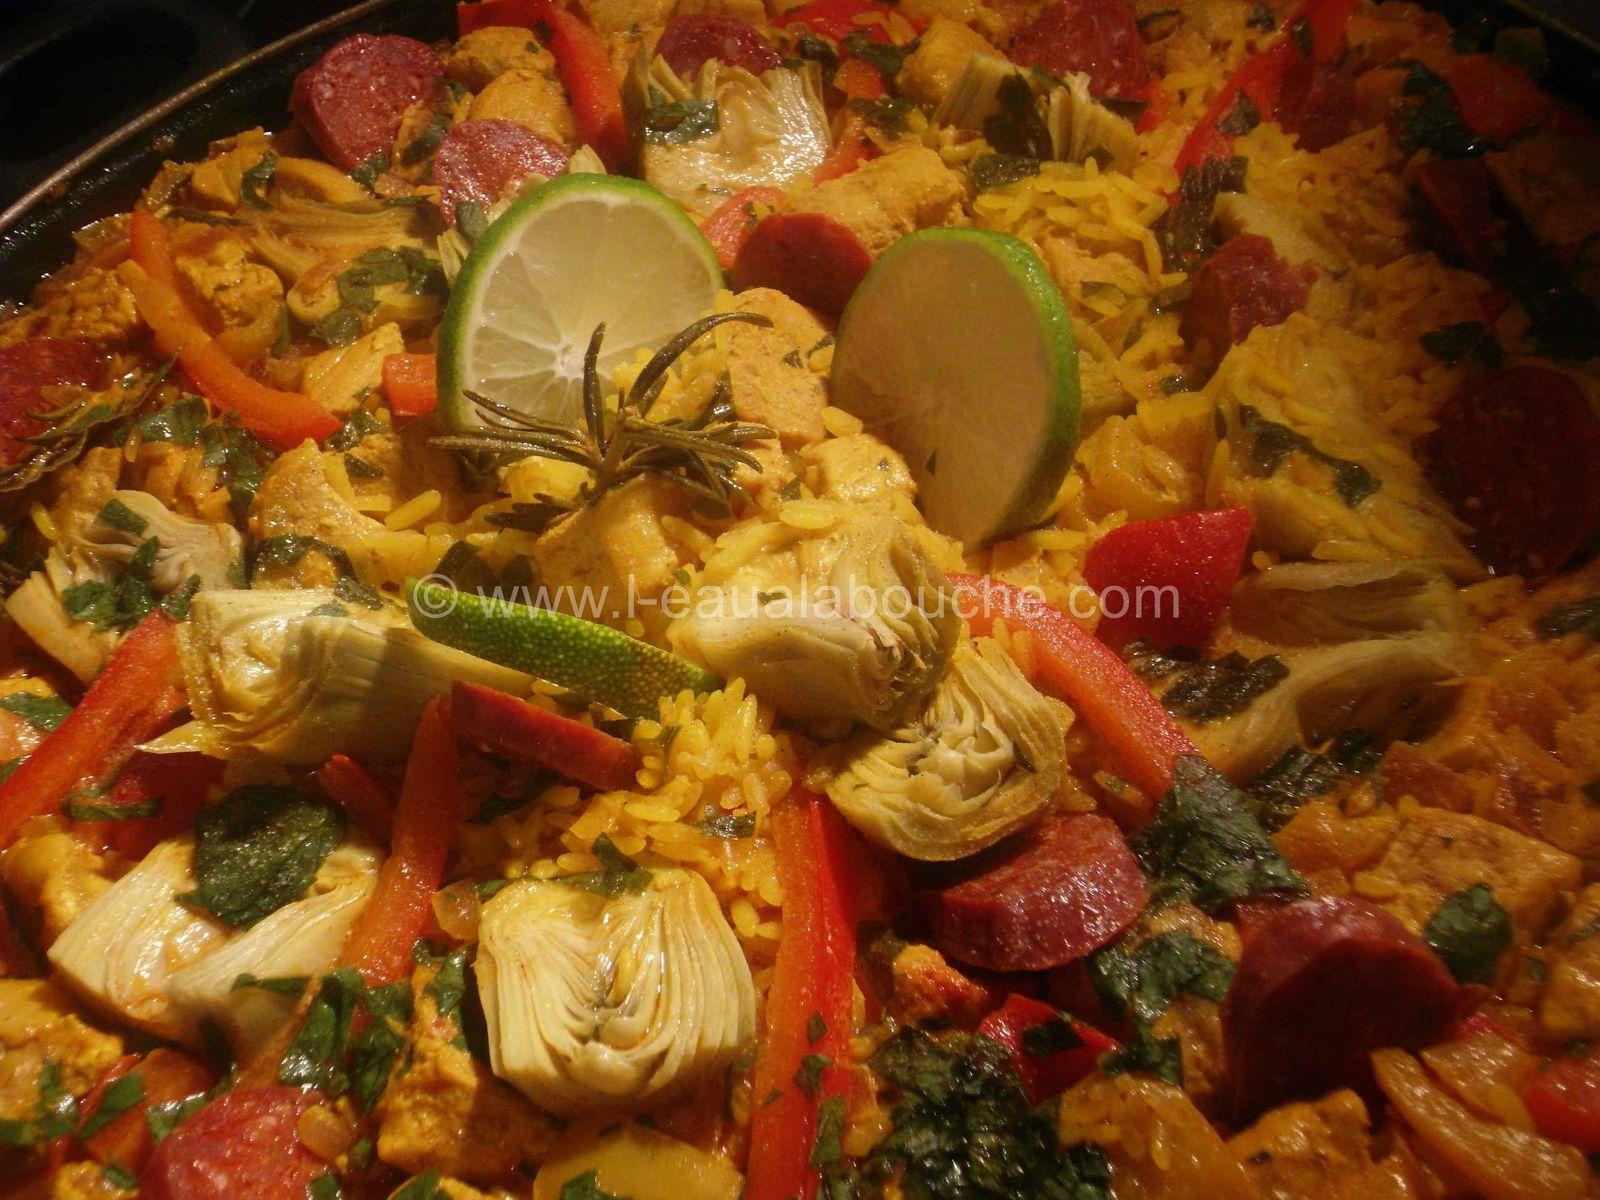 Paella au Porc